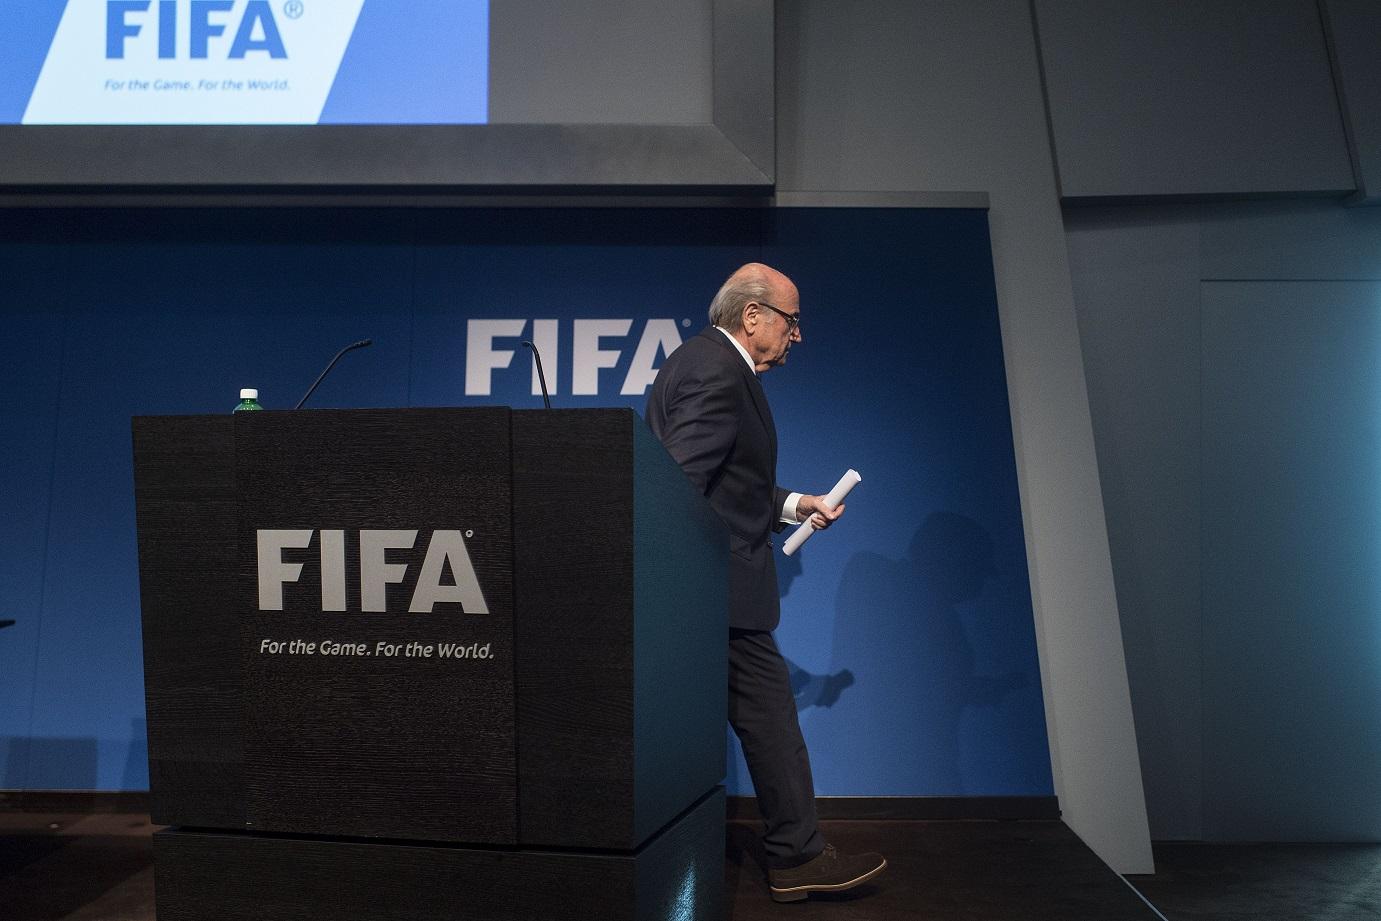 Sepp Blatter has resigned